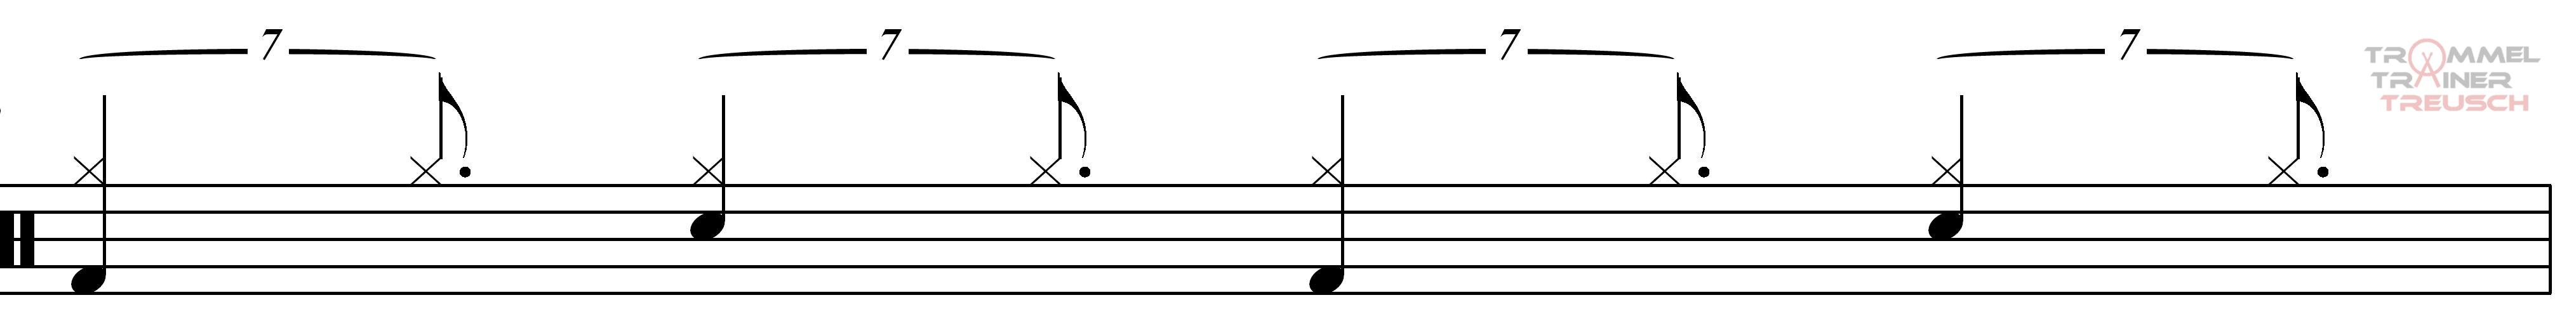 shuffle-7-Notenbild-Wasserzeichen